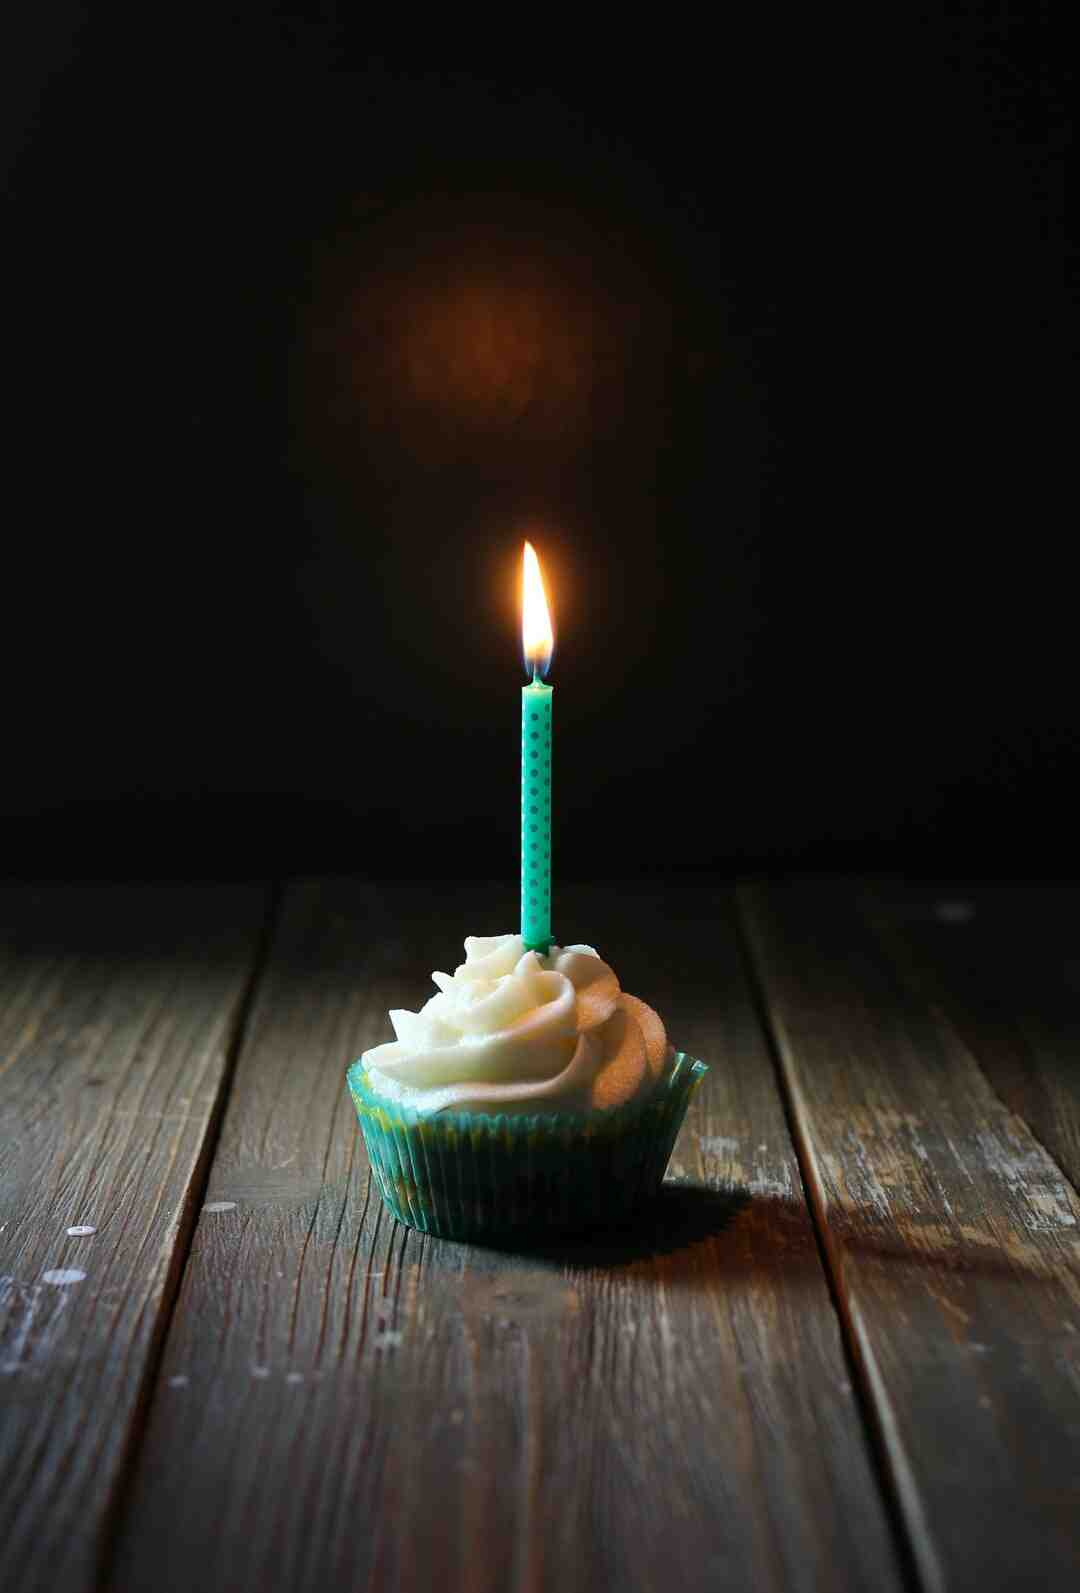 Comment souhaiter un joyeux anniversaire à son Petit-fils ?